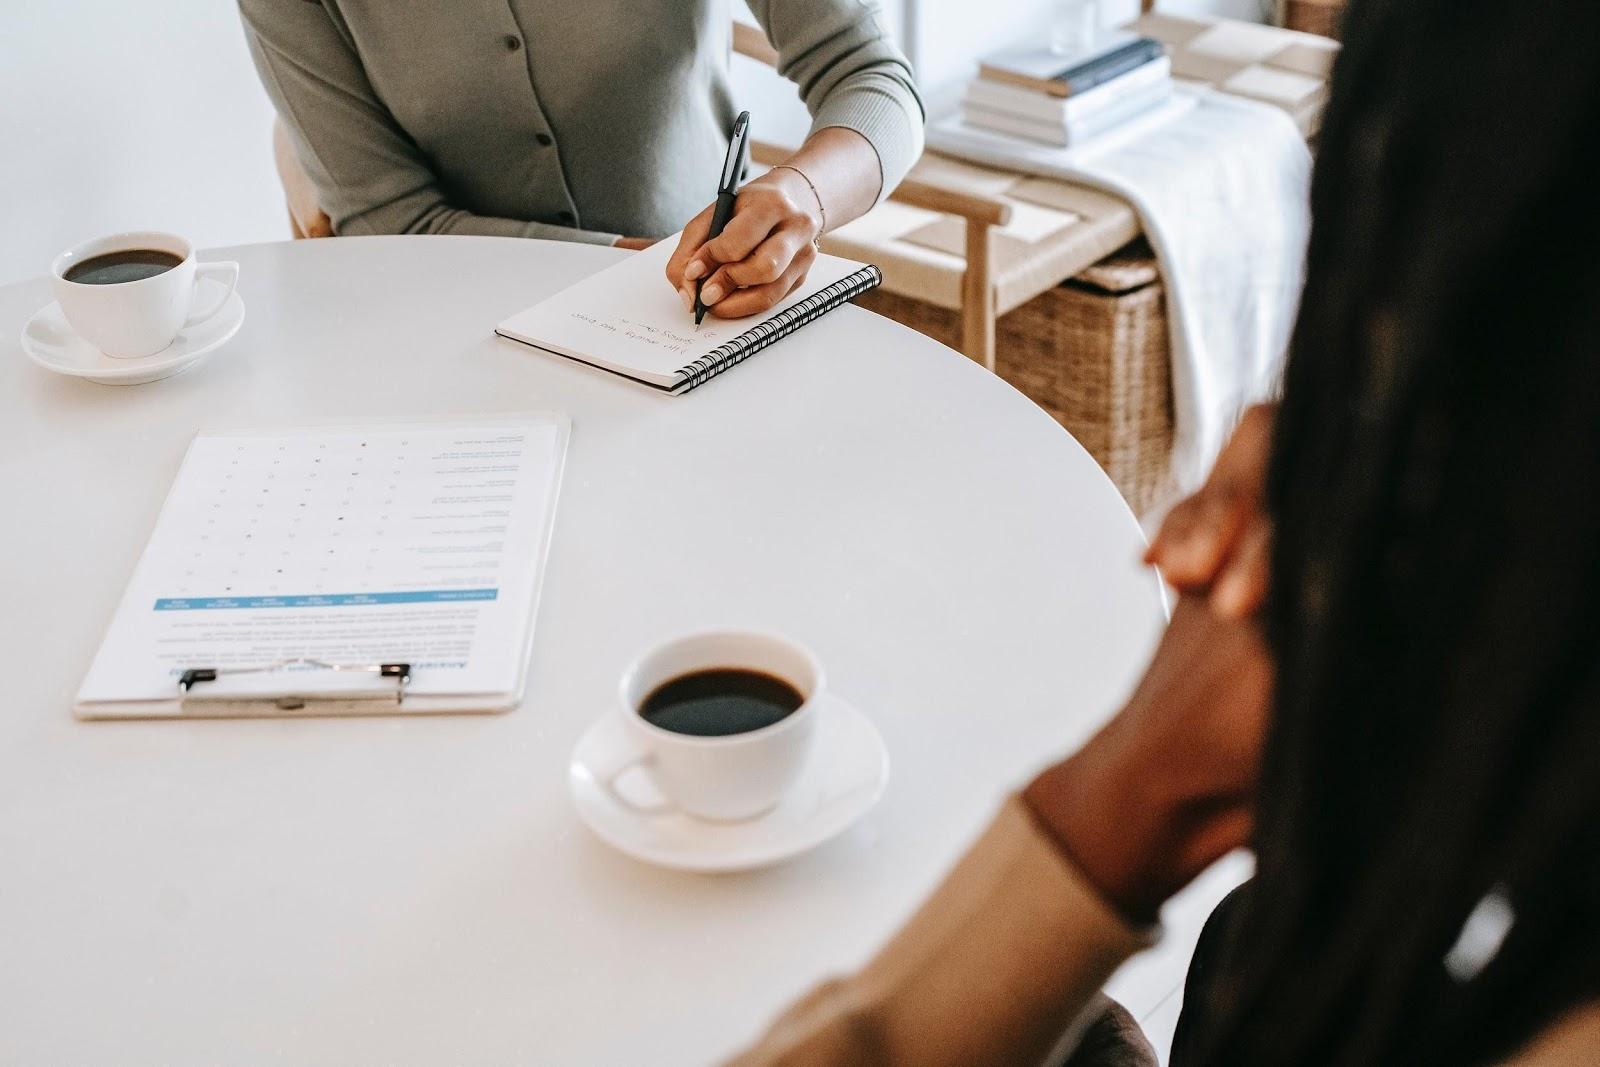 réunion de deux professionnels autour d'un café sur les résultats du trimestre